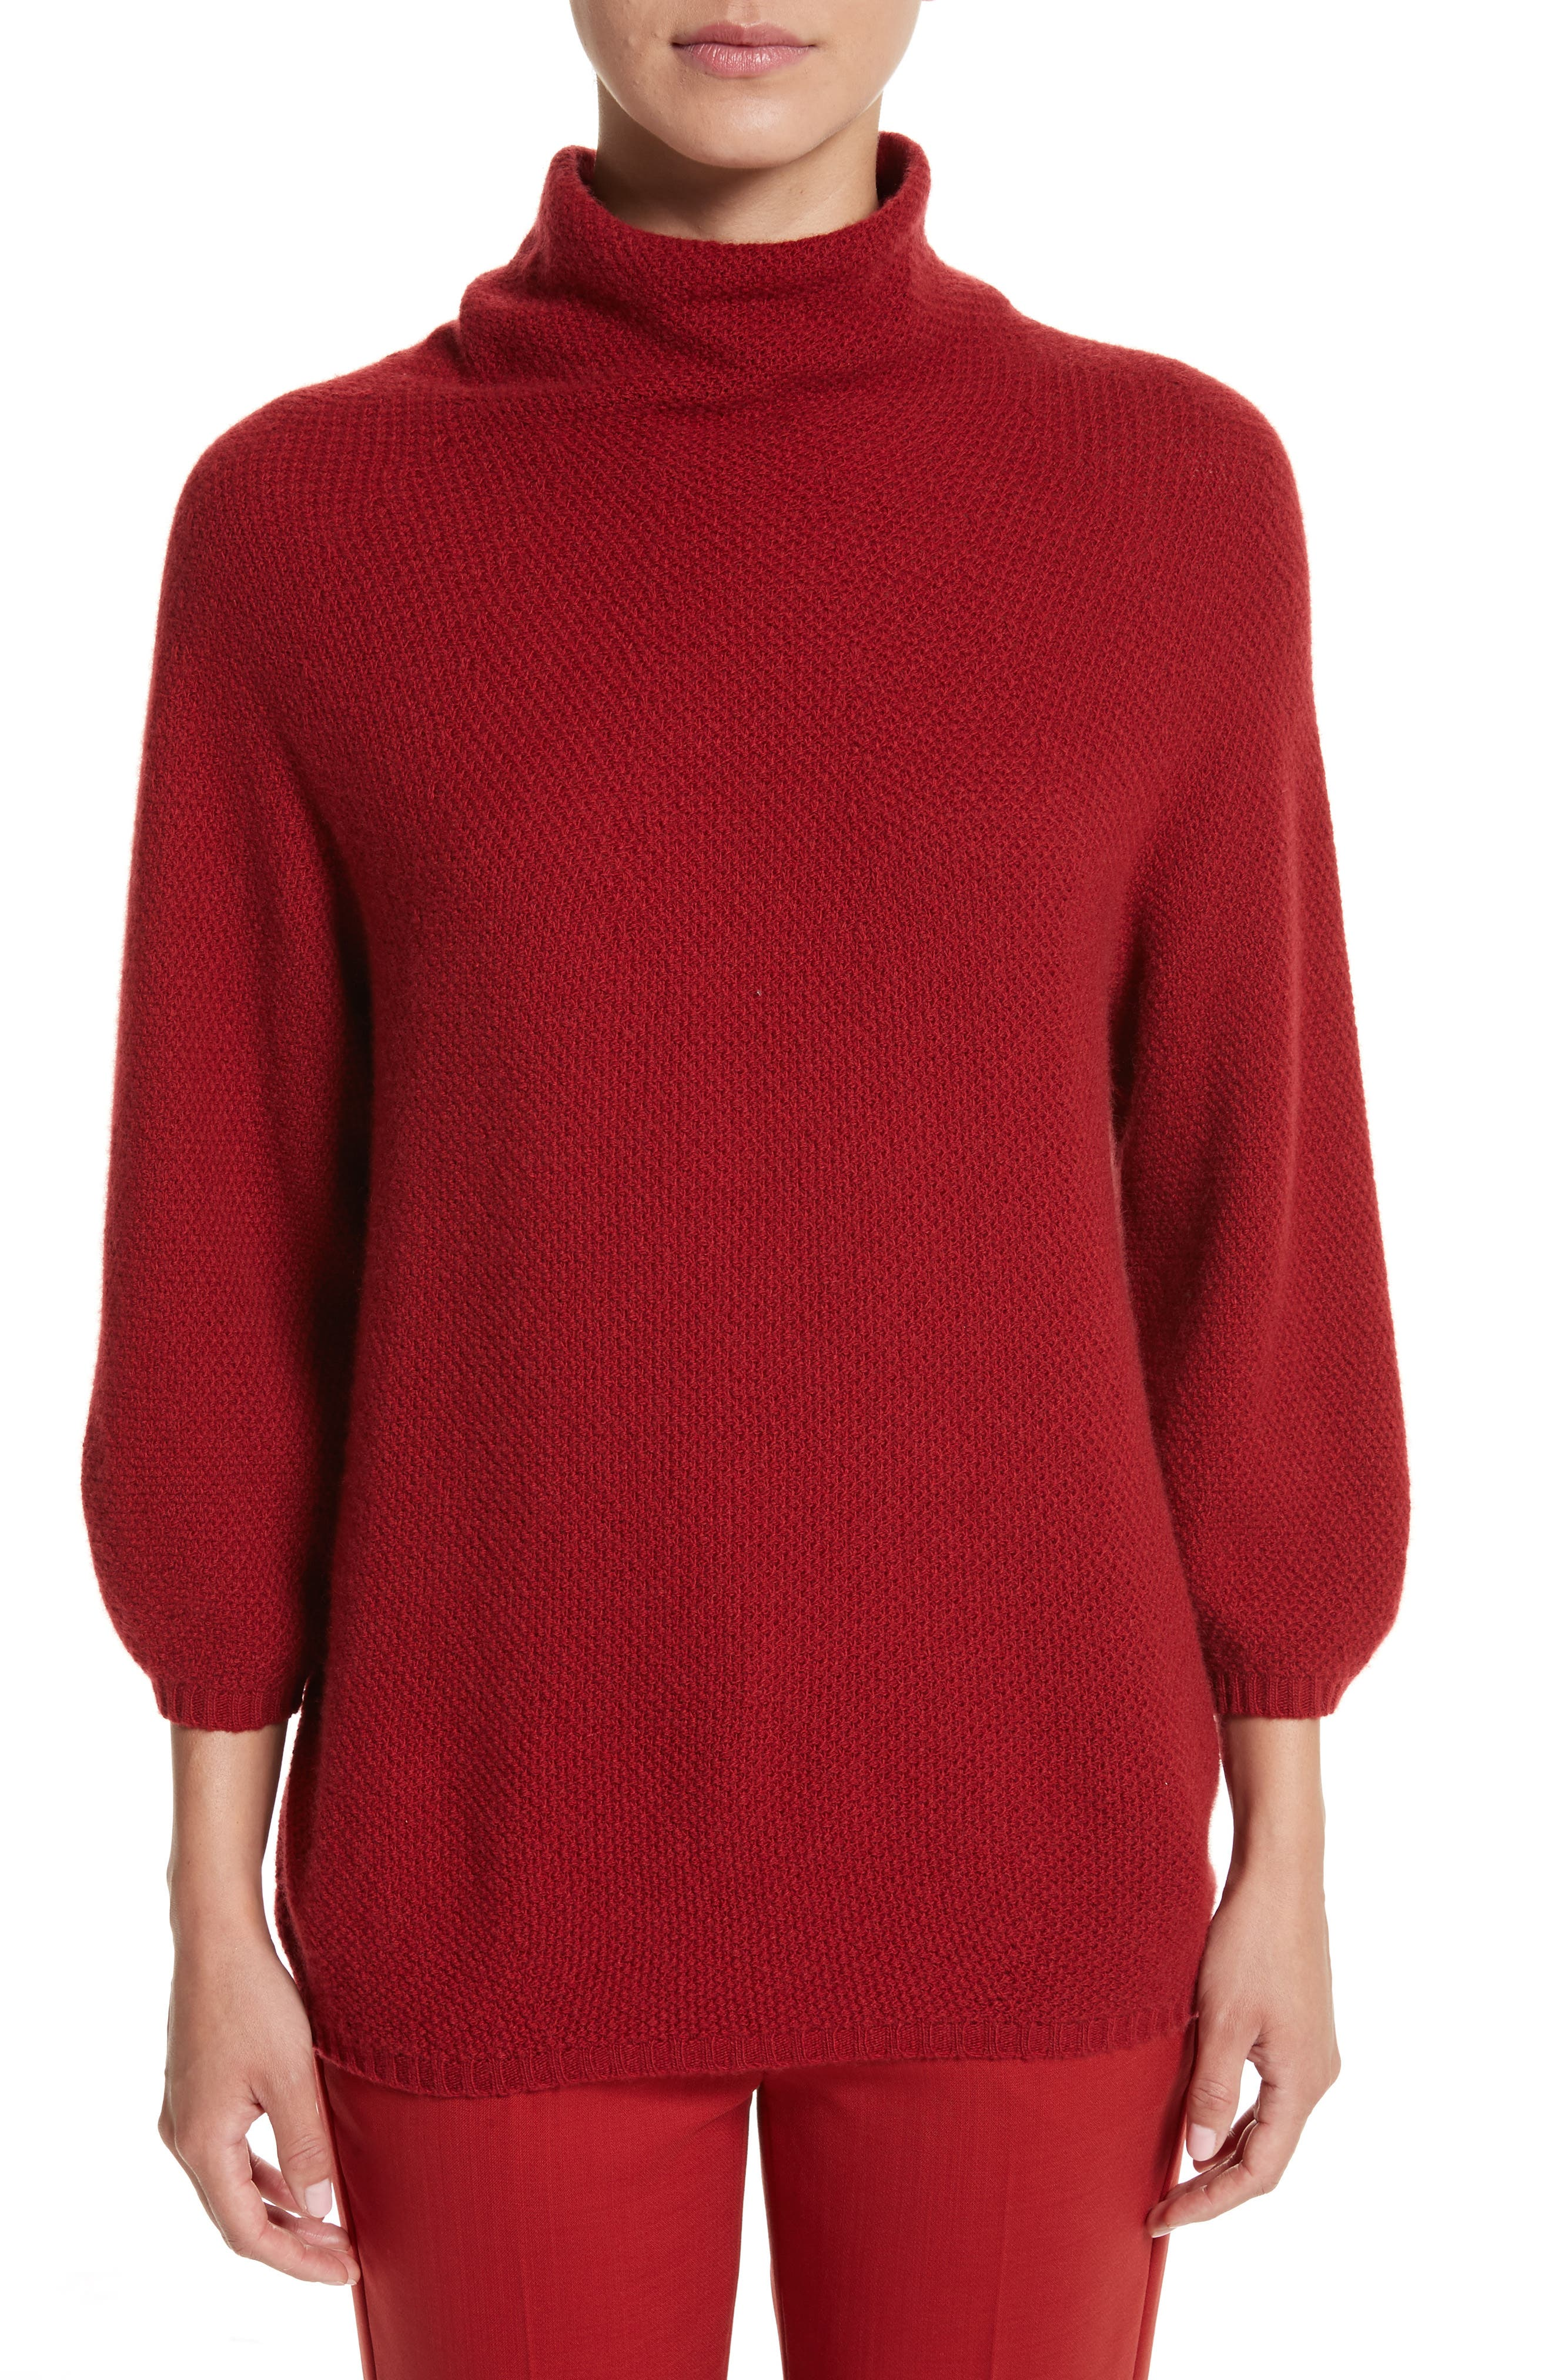 Max Mara Belgio Wool & Cashmere Sweater